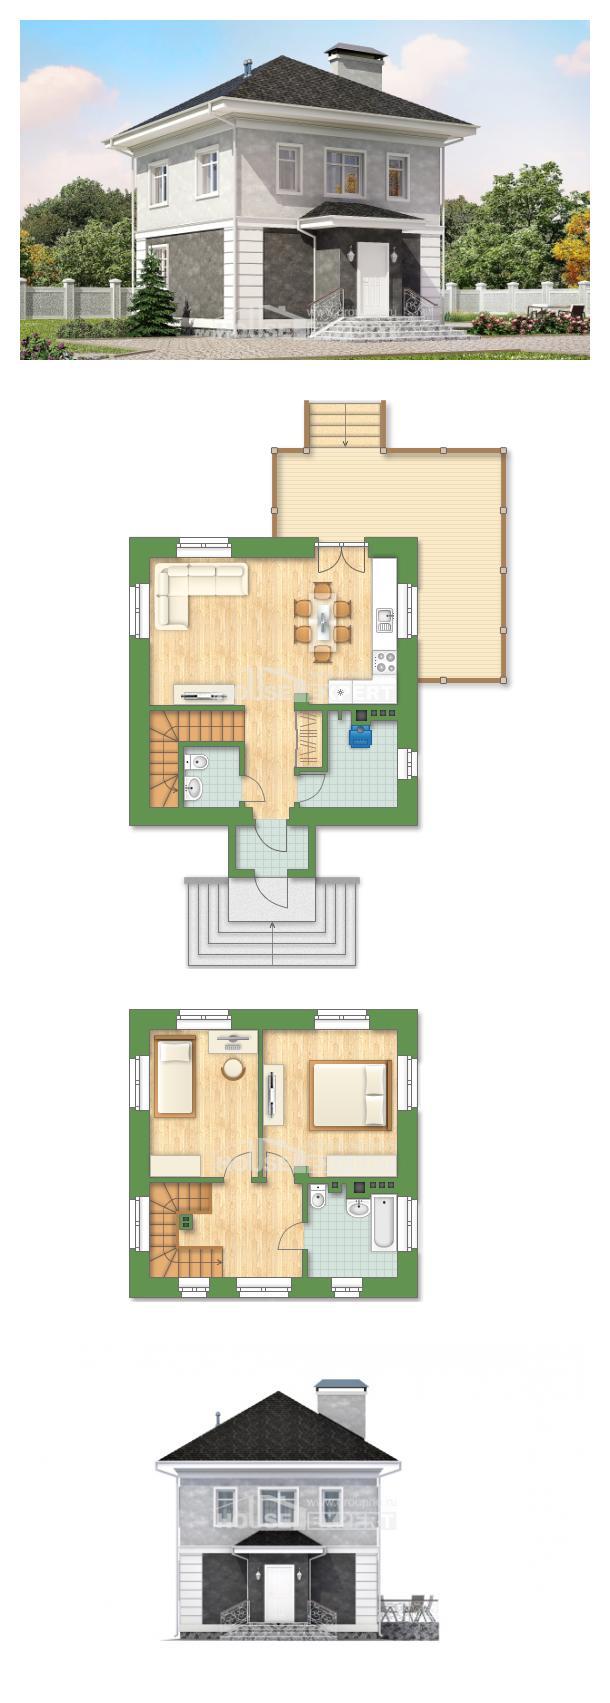 Plan 090-003-R | House Expert